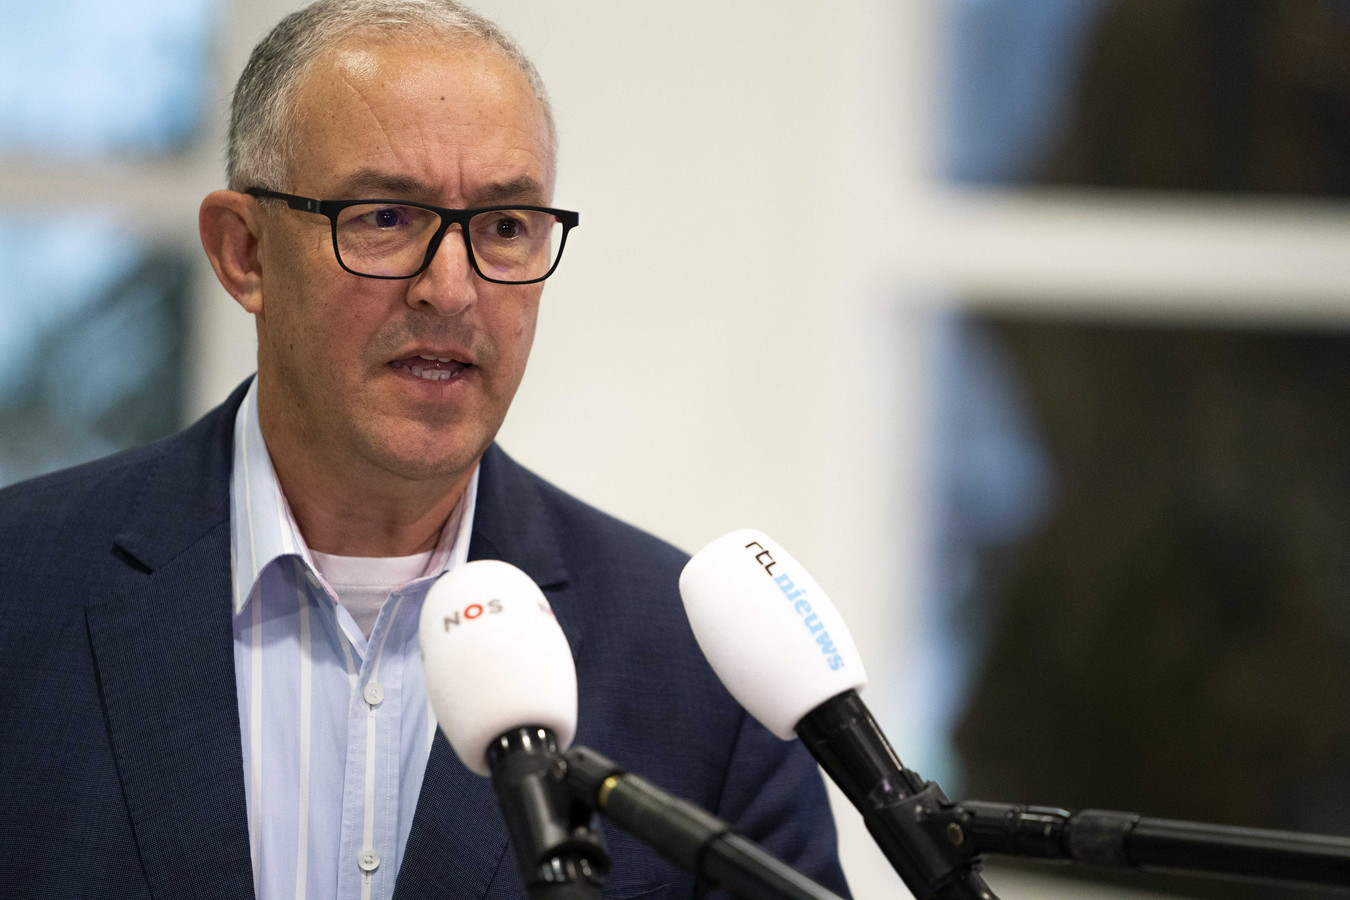 Burgemeester Ahmed Aboutaleb staat nog eens zes jaar aan het roer als burgervader van Rotterdam.